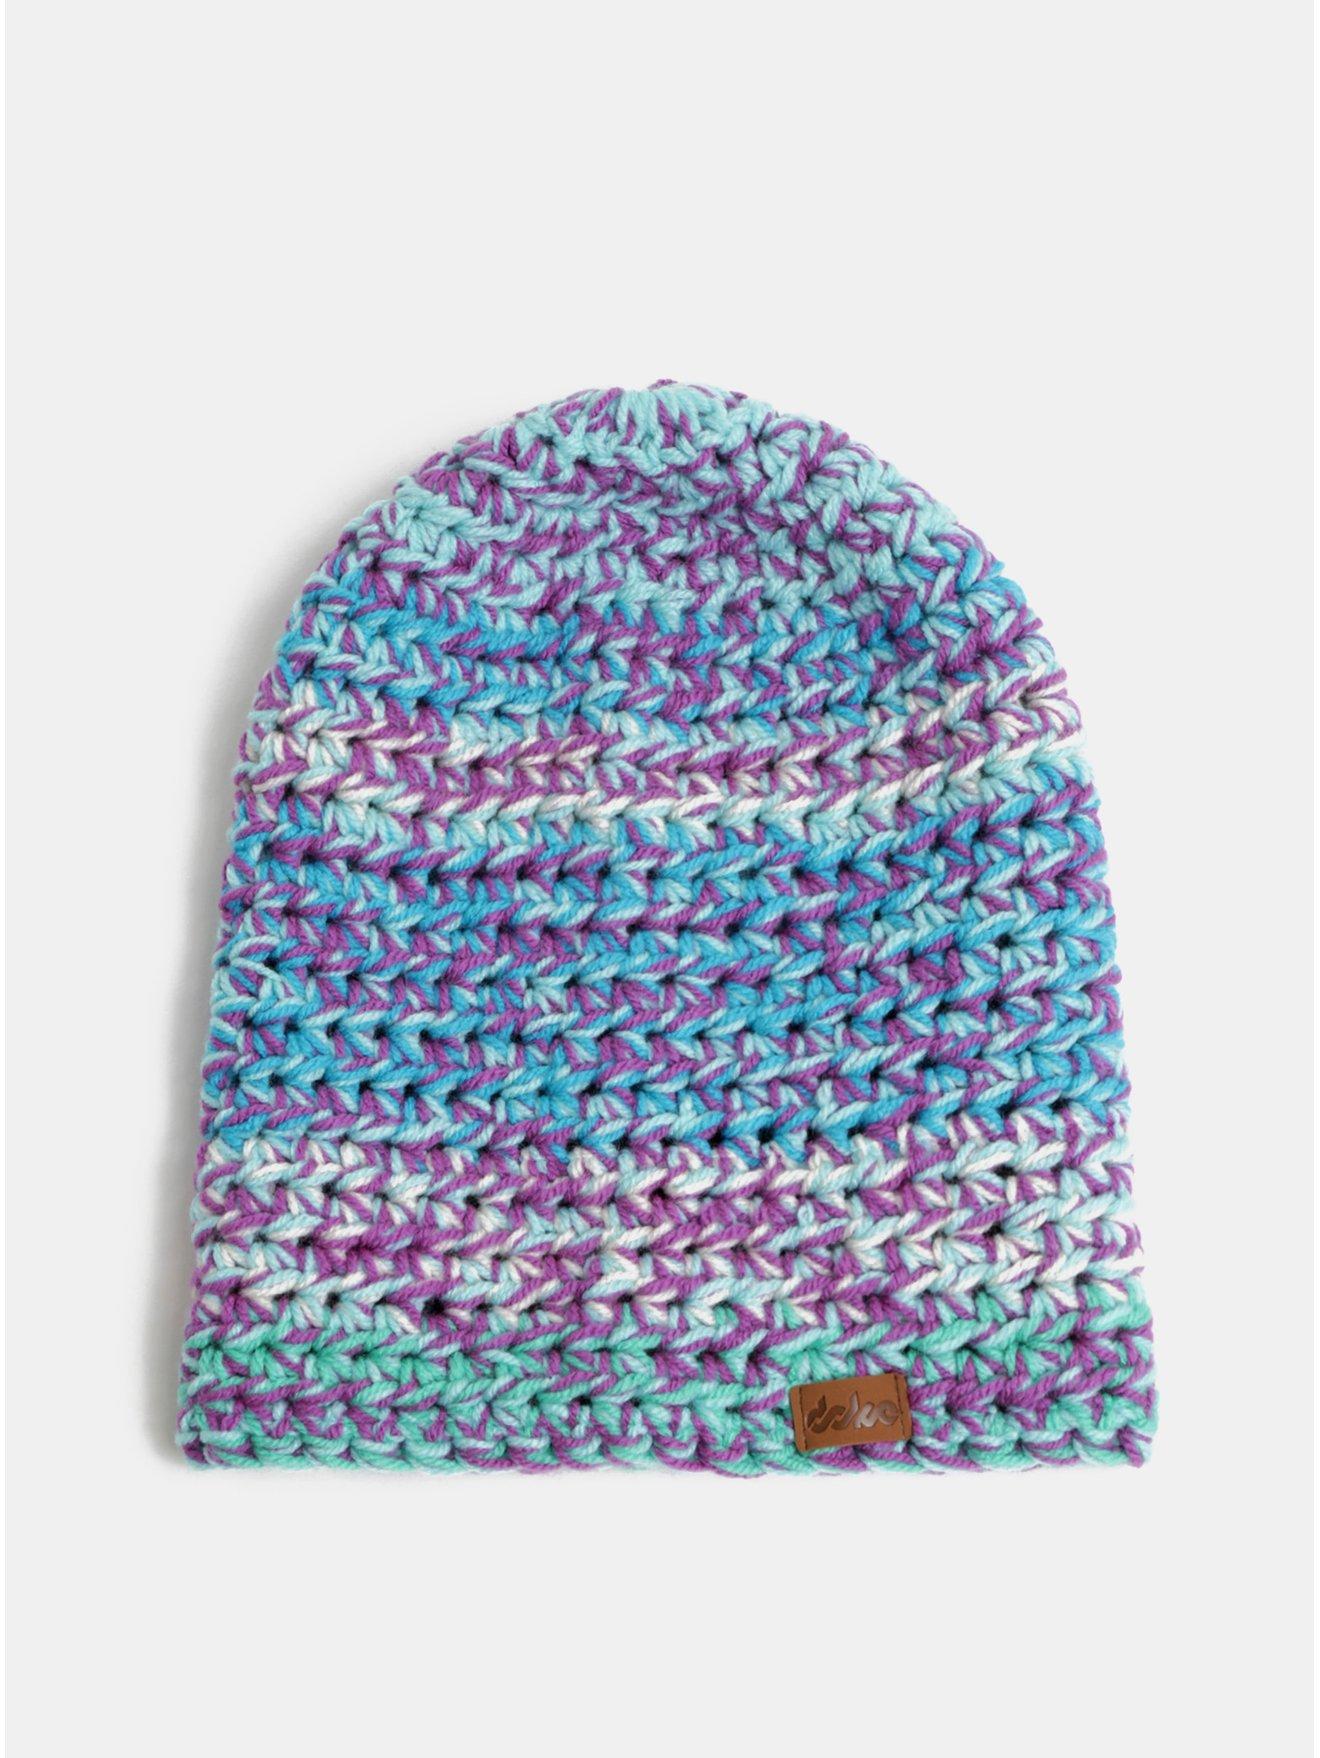 Fialovo-modrá pletená zimní čepice DOKE 8cf856340b